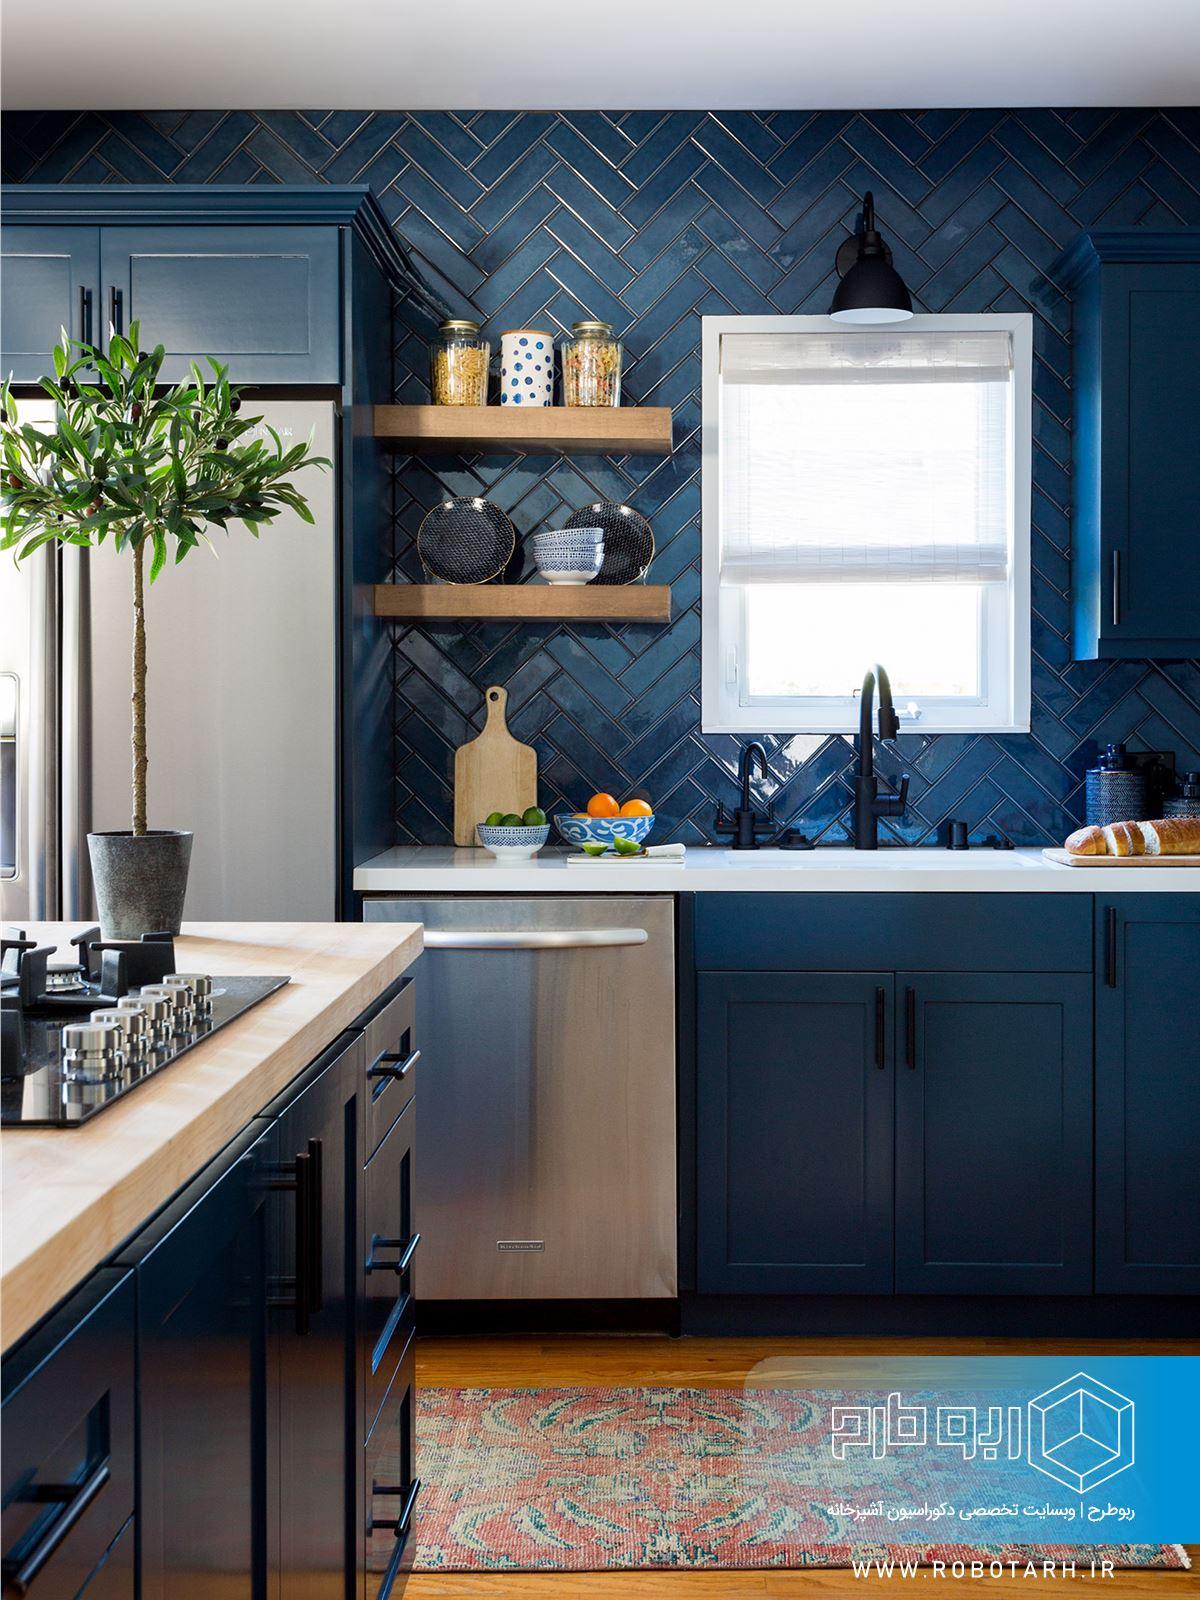 استفاده از رنگ آبی در کابینت آشپزخانه